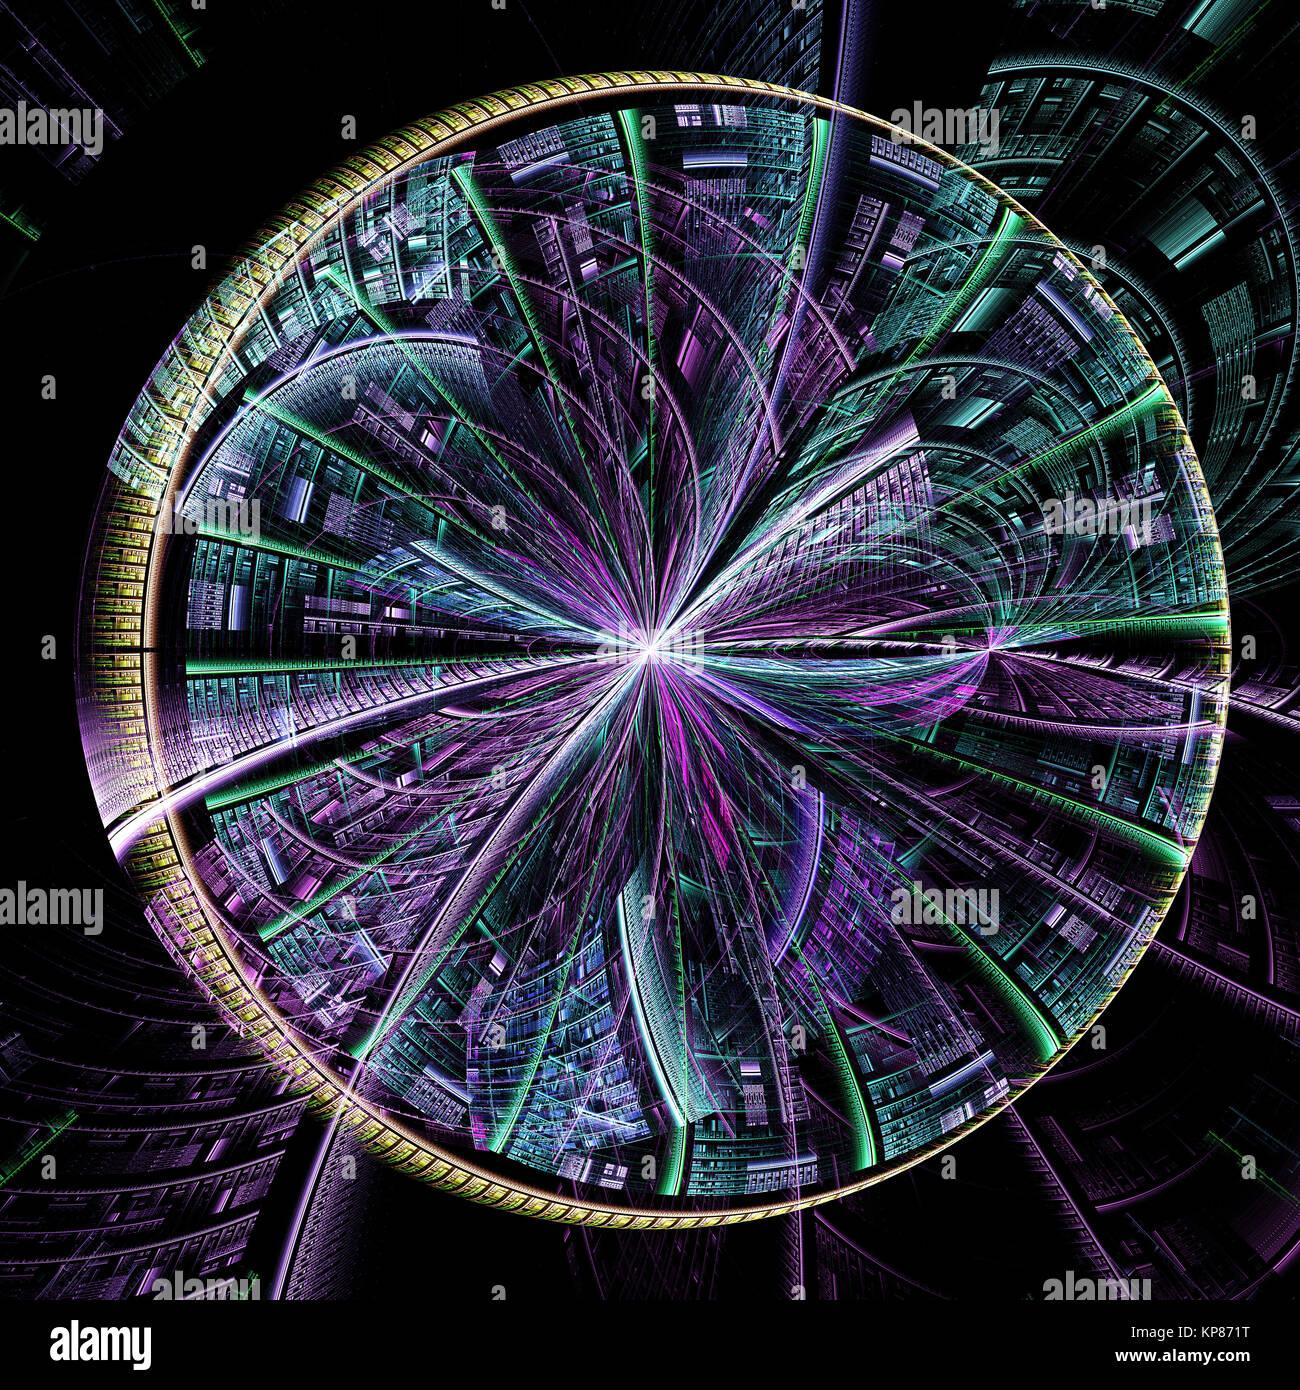 Abstrakt fractal tech Hintergrund computer-generierten Bildes Stockbild